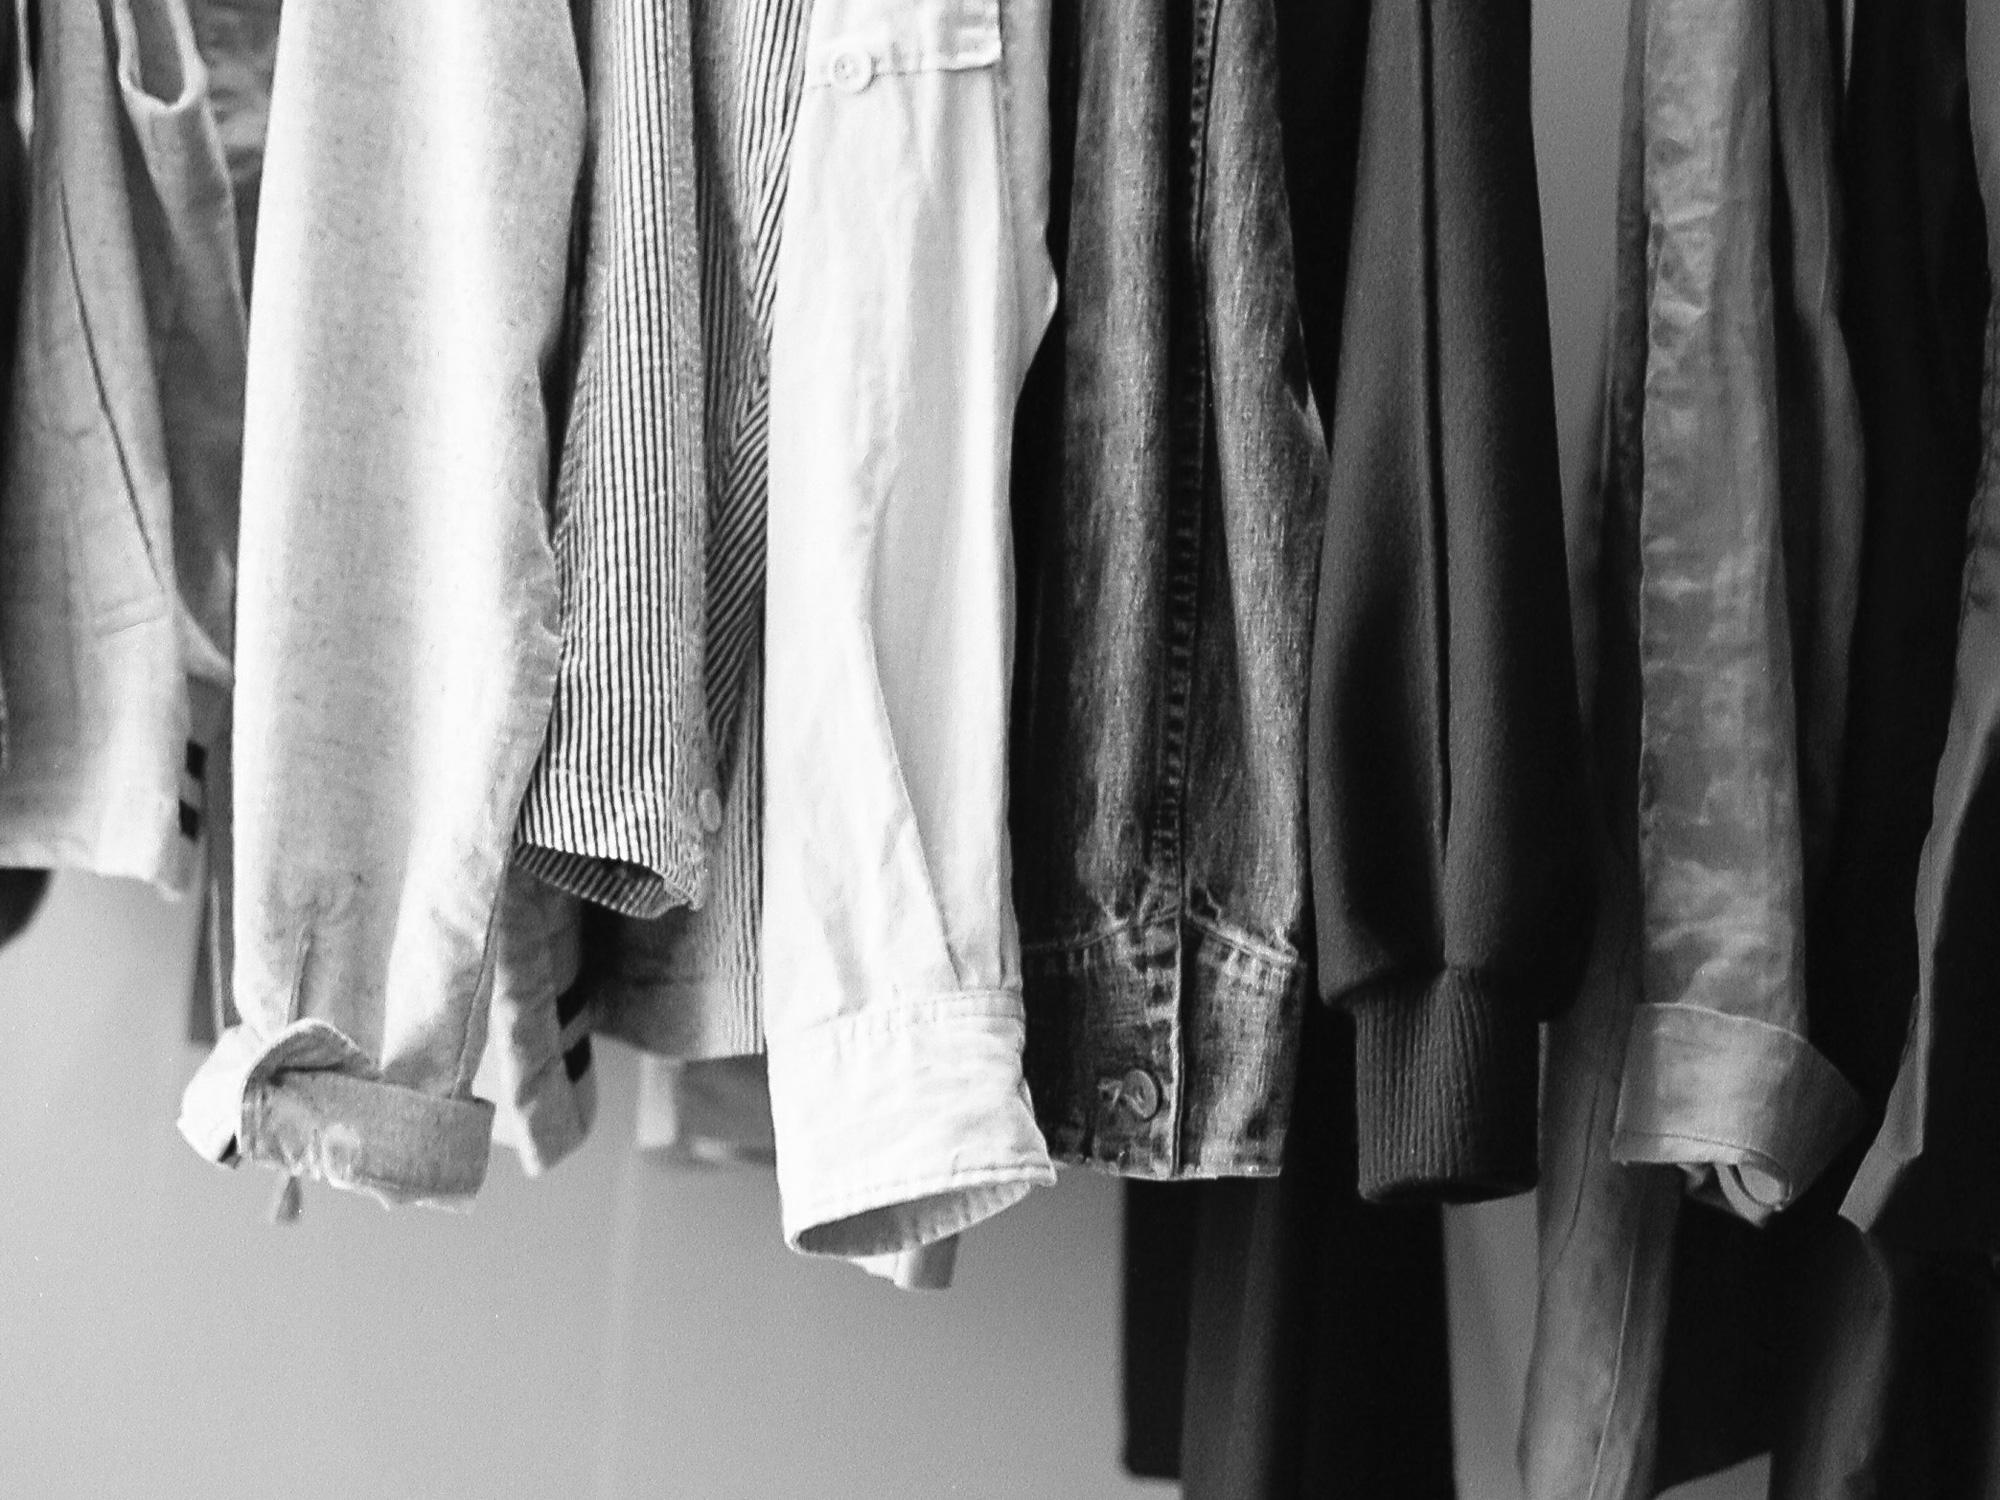 Detalle de presentación de camisas, vestidos y otros productos textiles.